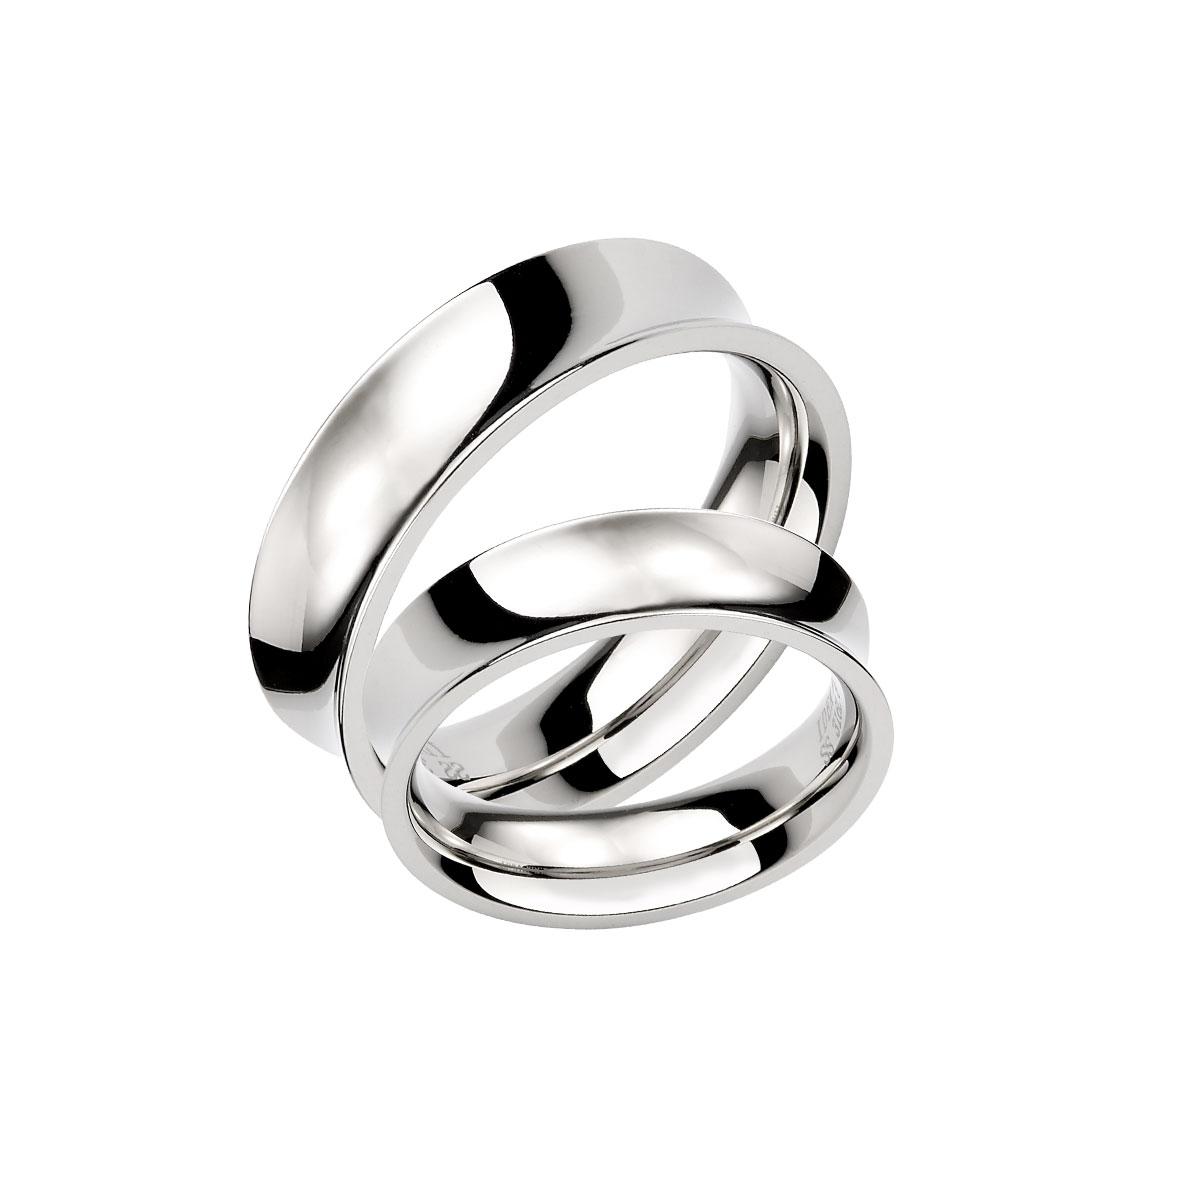 KIH118 獨特凹面造形情侶戒指